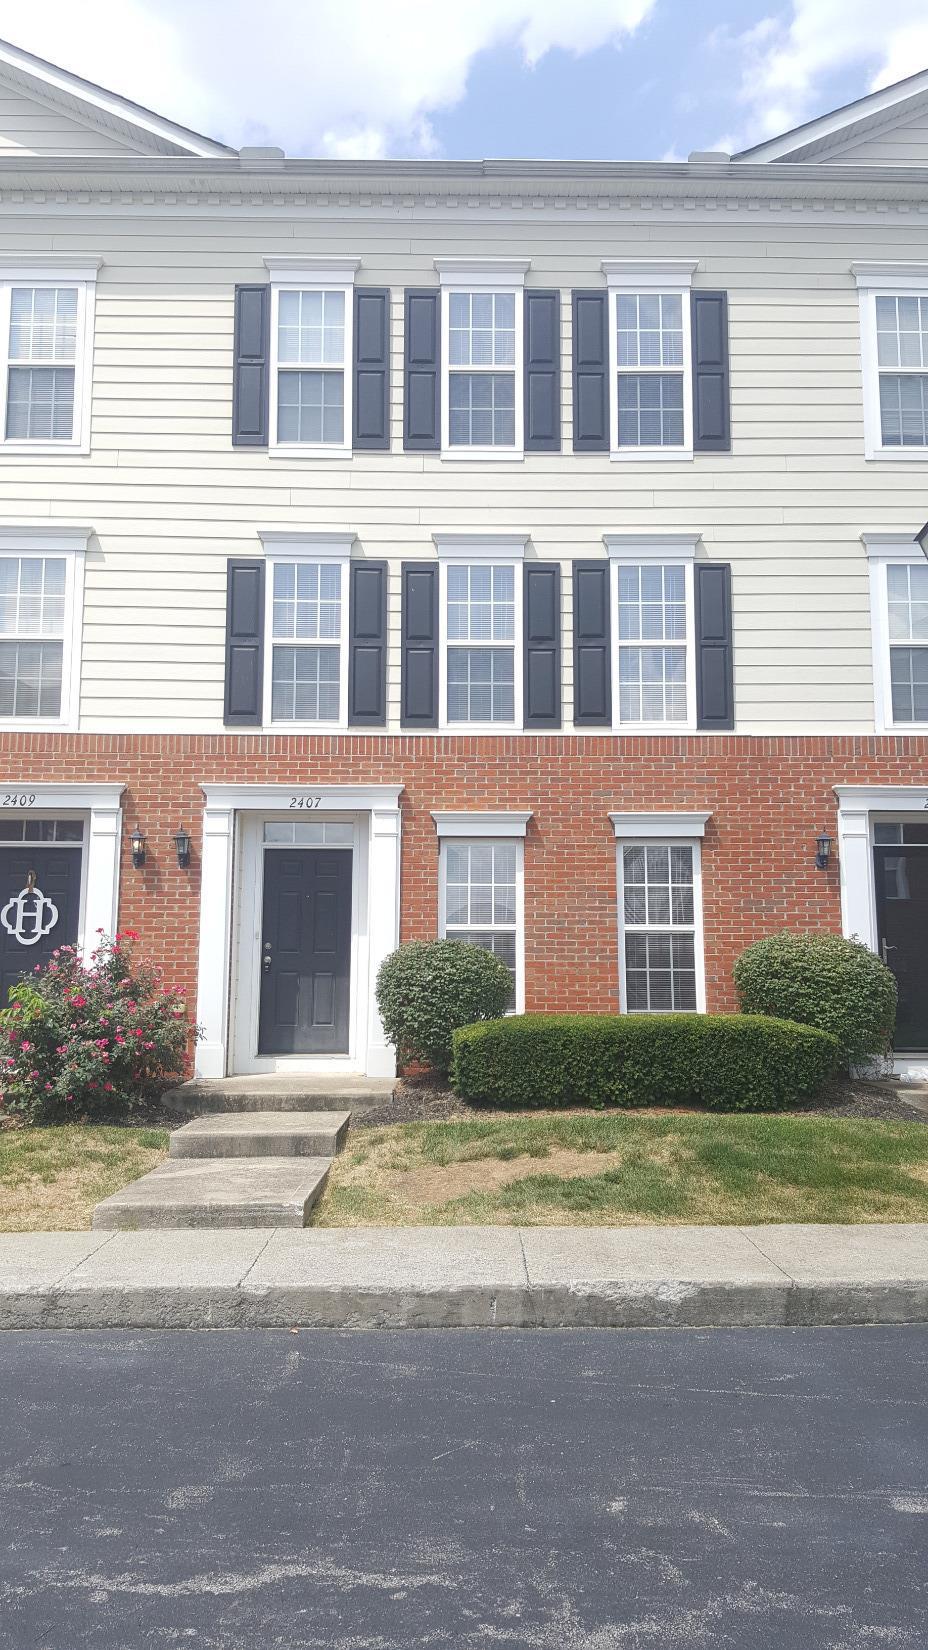 2407 Lady Bedford Place, Lexington, KY 40509